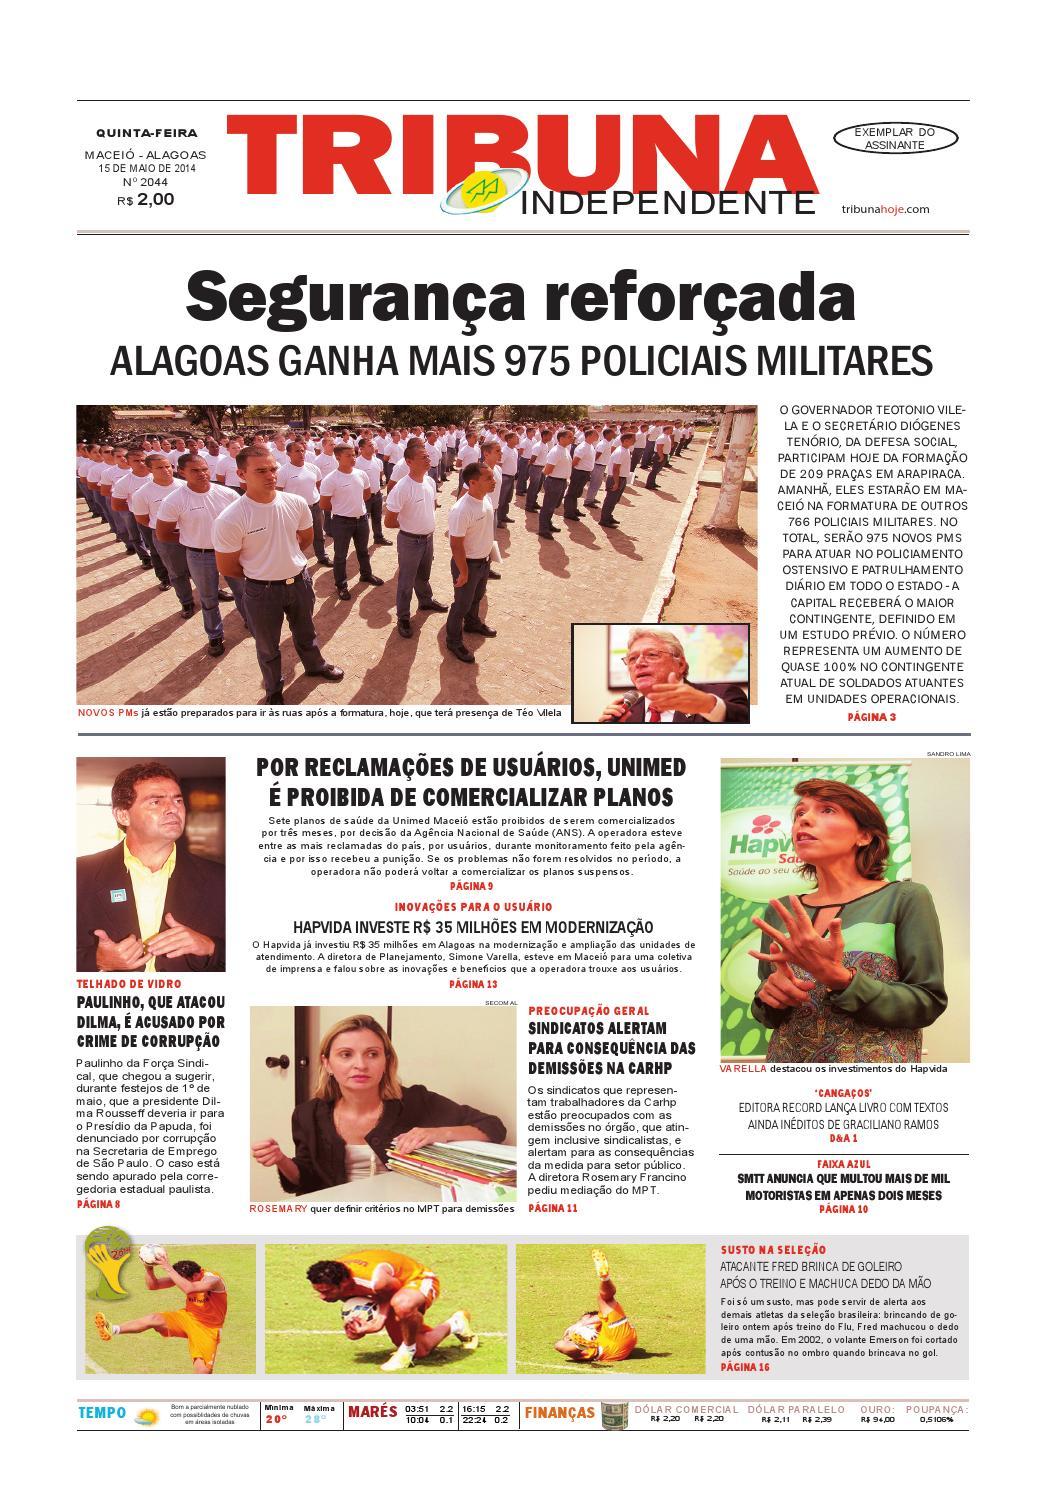 f1b69cd06 Edição número 2044 - 15 de maio de 2014 by Tribuna Hoje - issuu